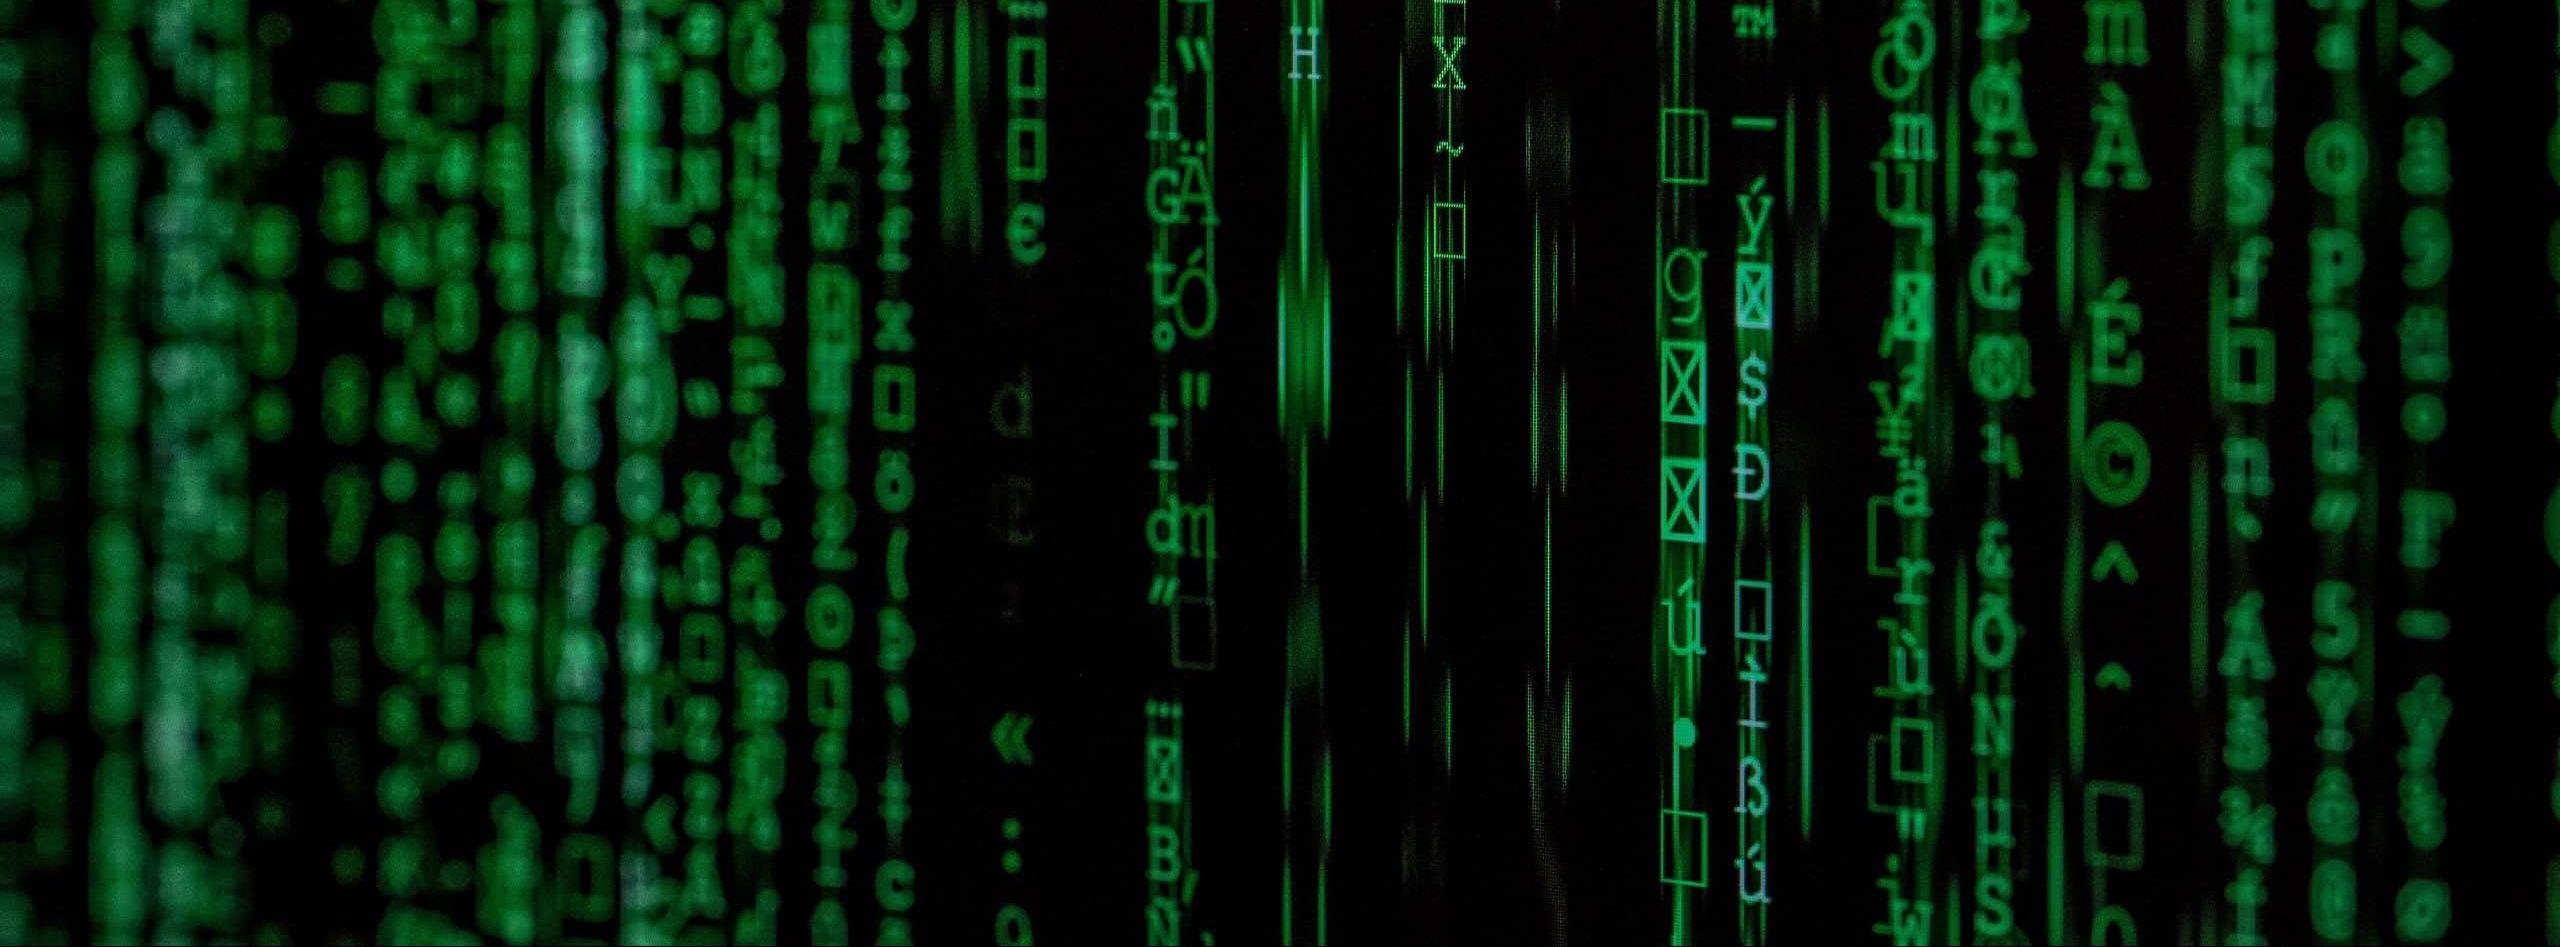 unidade de medida em informática